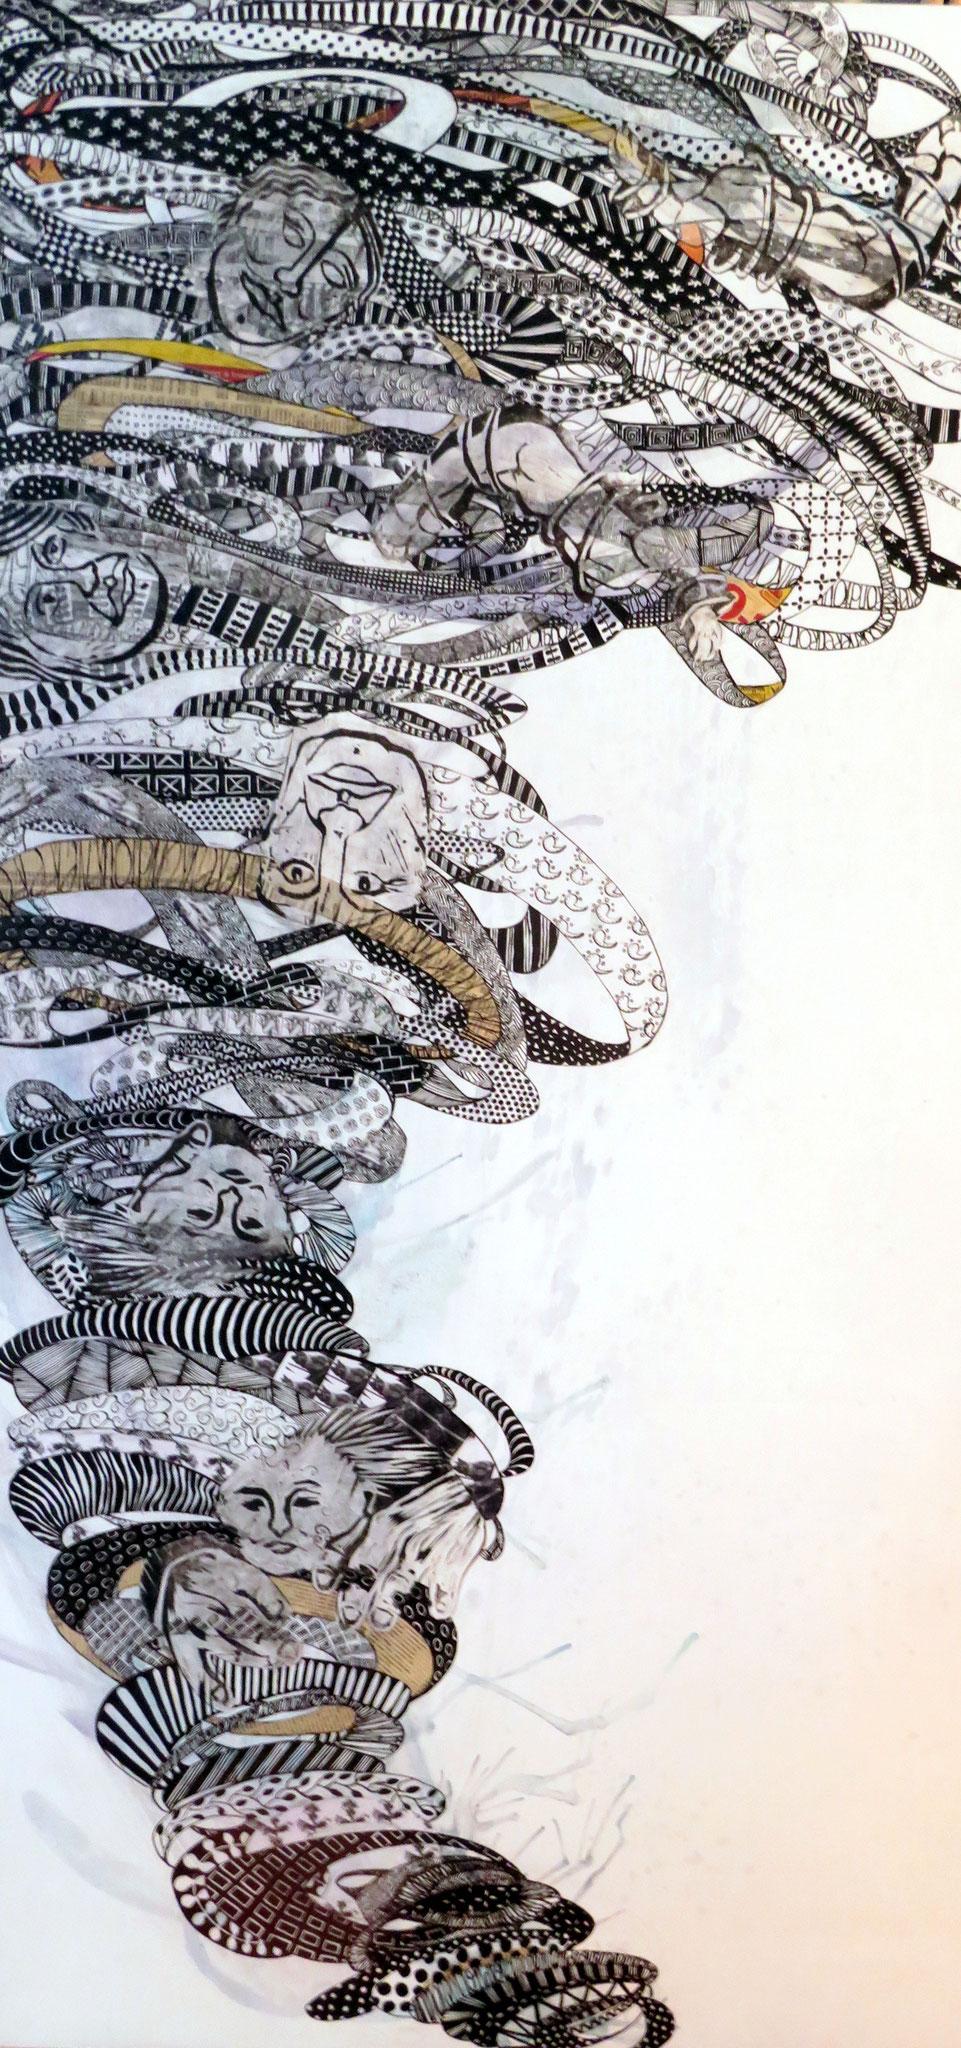 ENCHEVÊTREMENT TEMPORAIRE, encre de chine et technique mixte, 48'' X 24'', 1200,00$